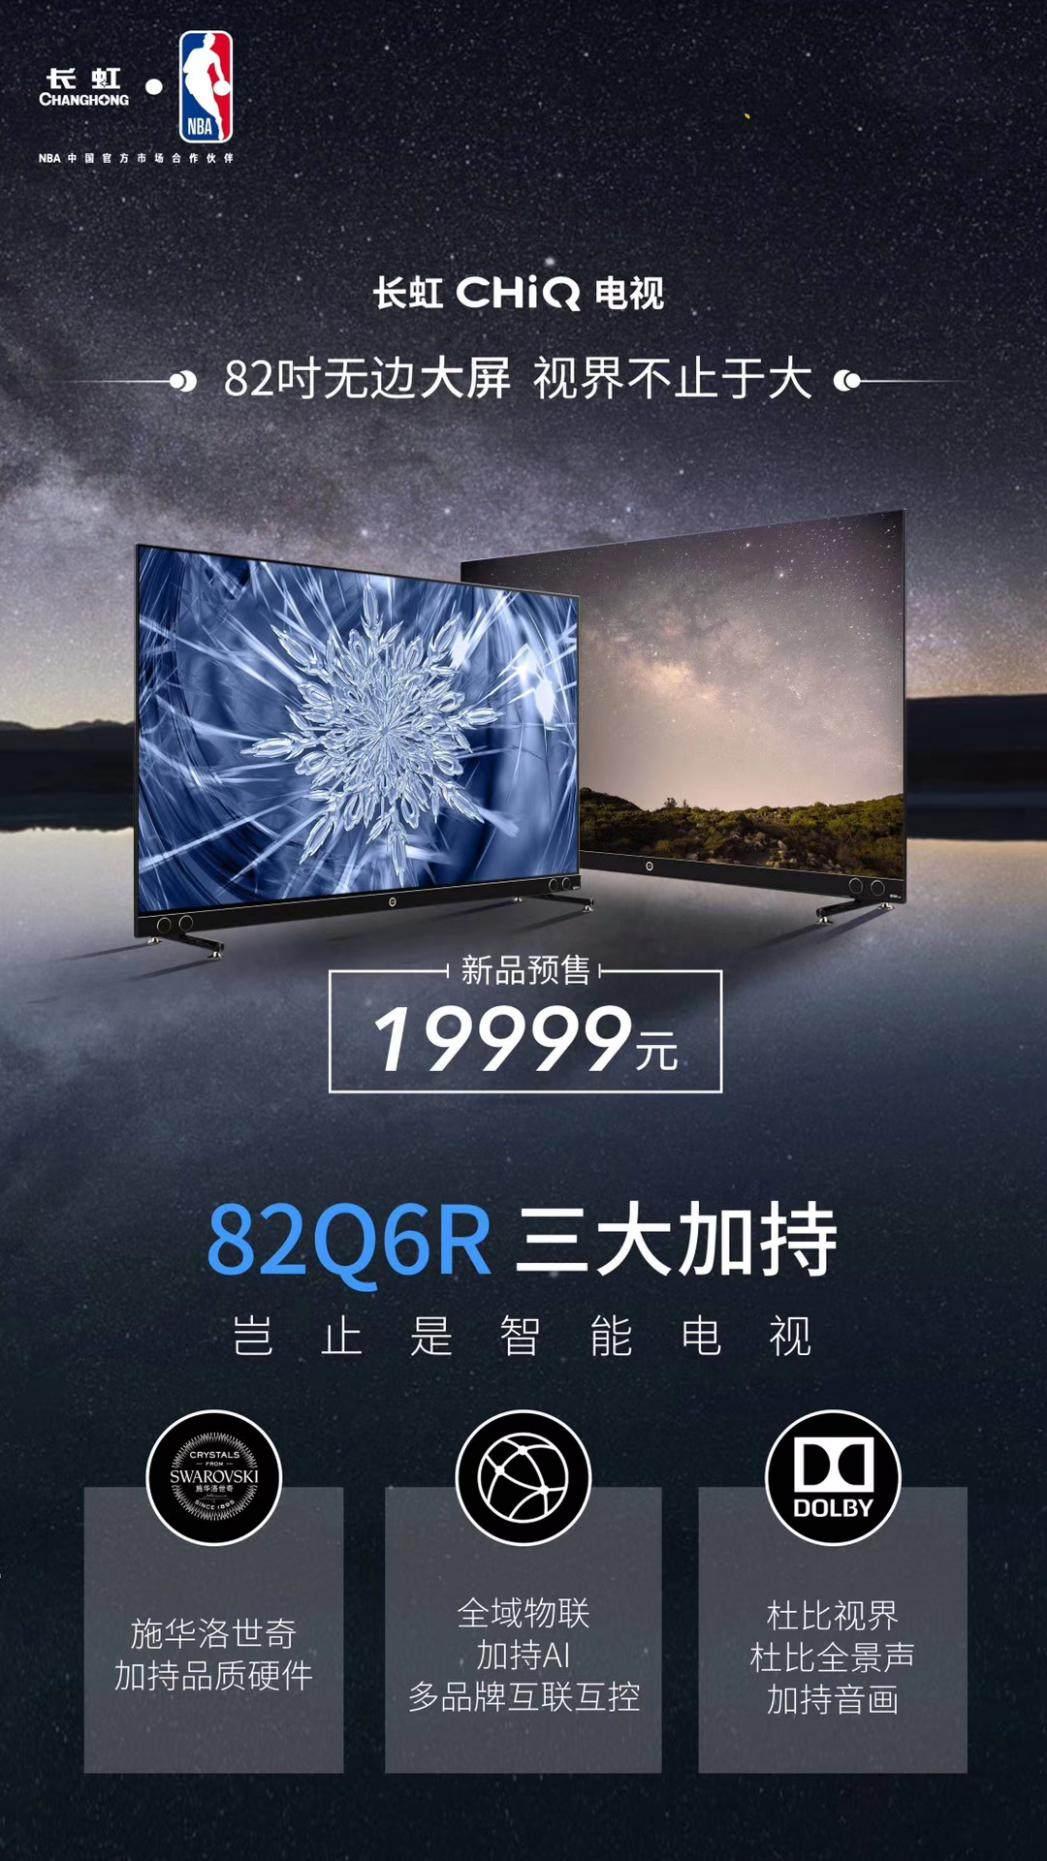 长虹将推出82英寸Q6R电视新品 未来激光电视该如何自处?